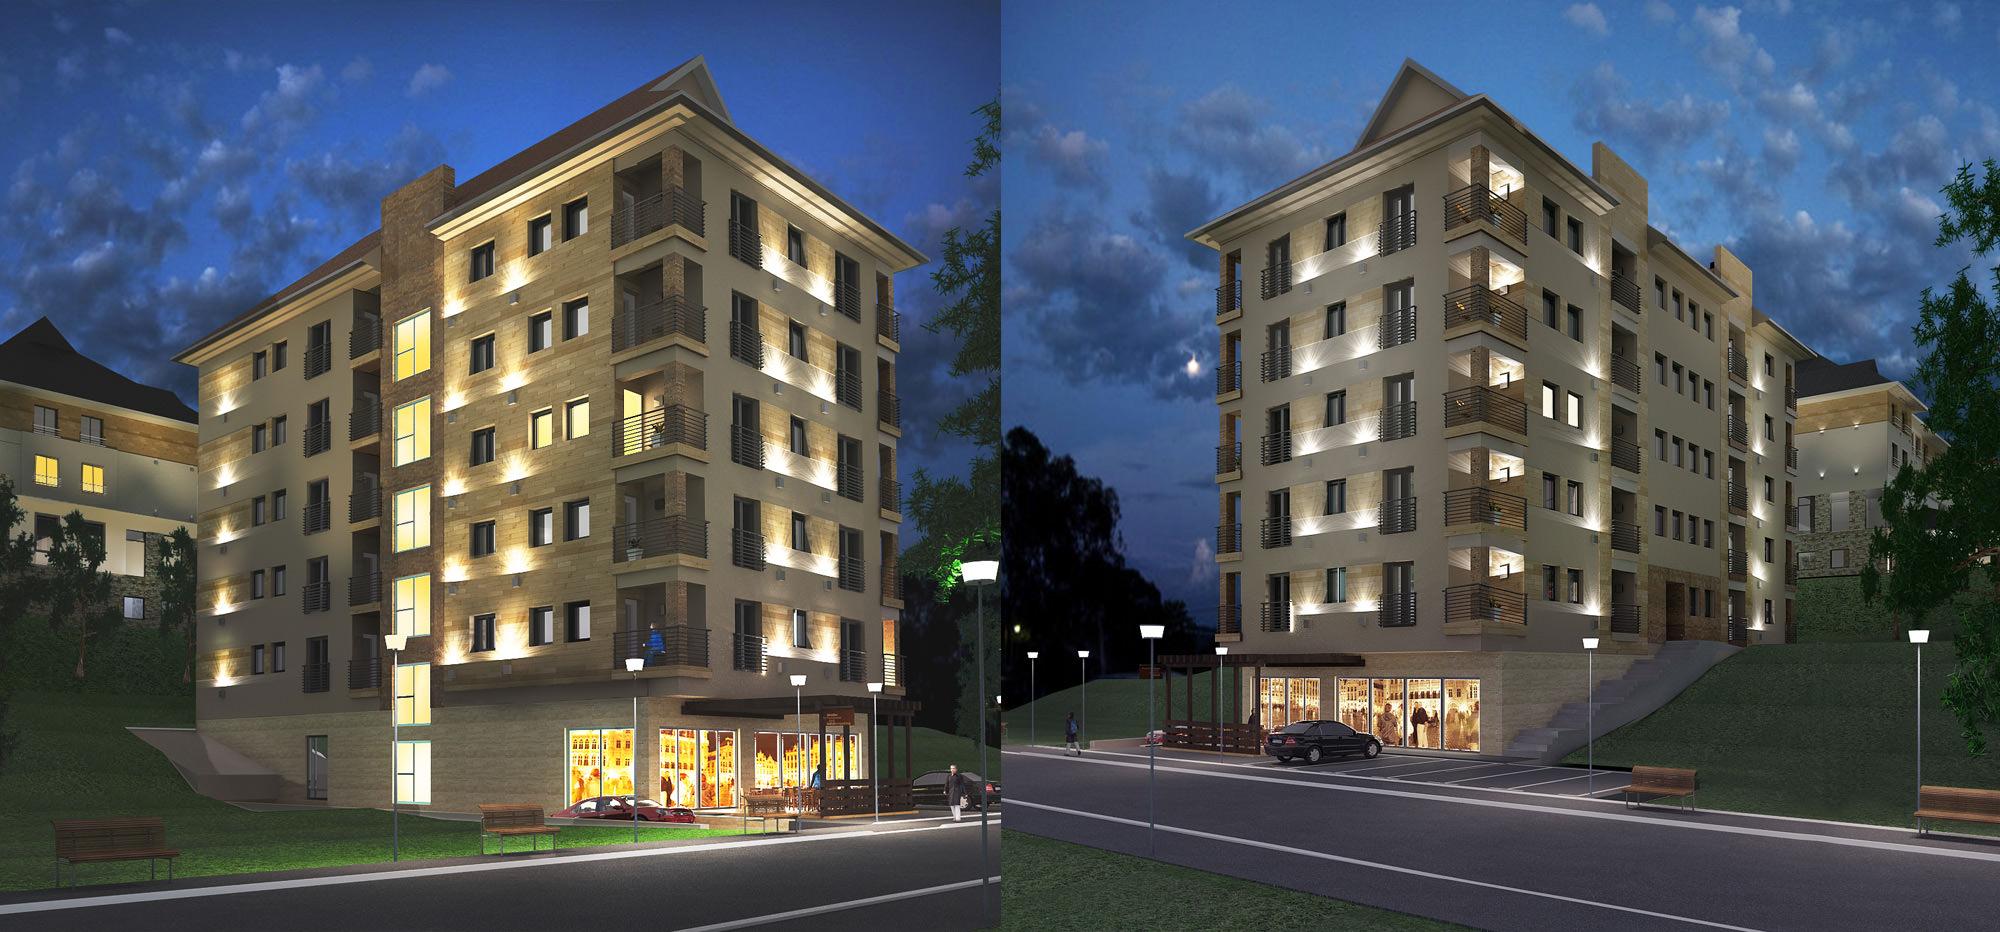 Cena apartmana na Zlatiboru